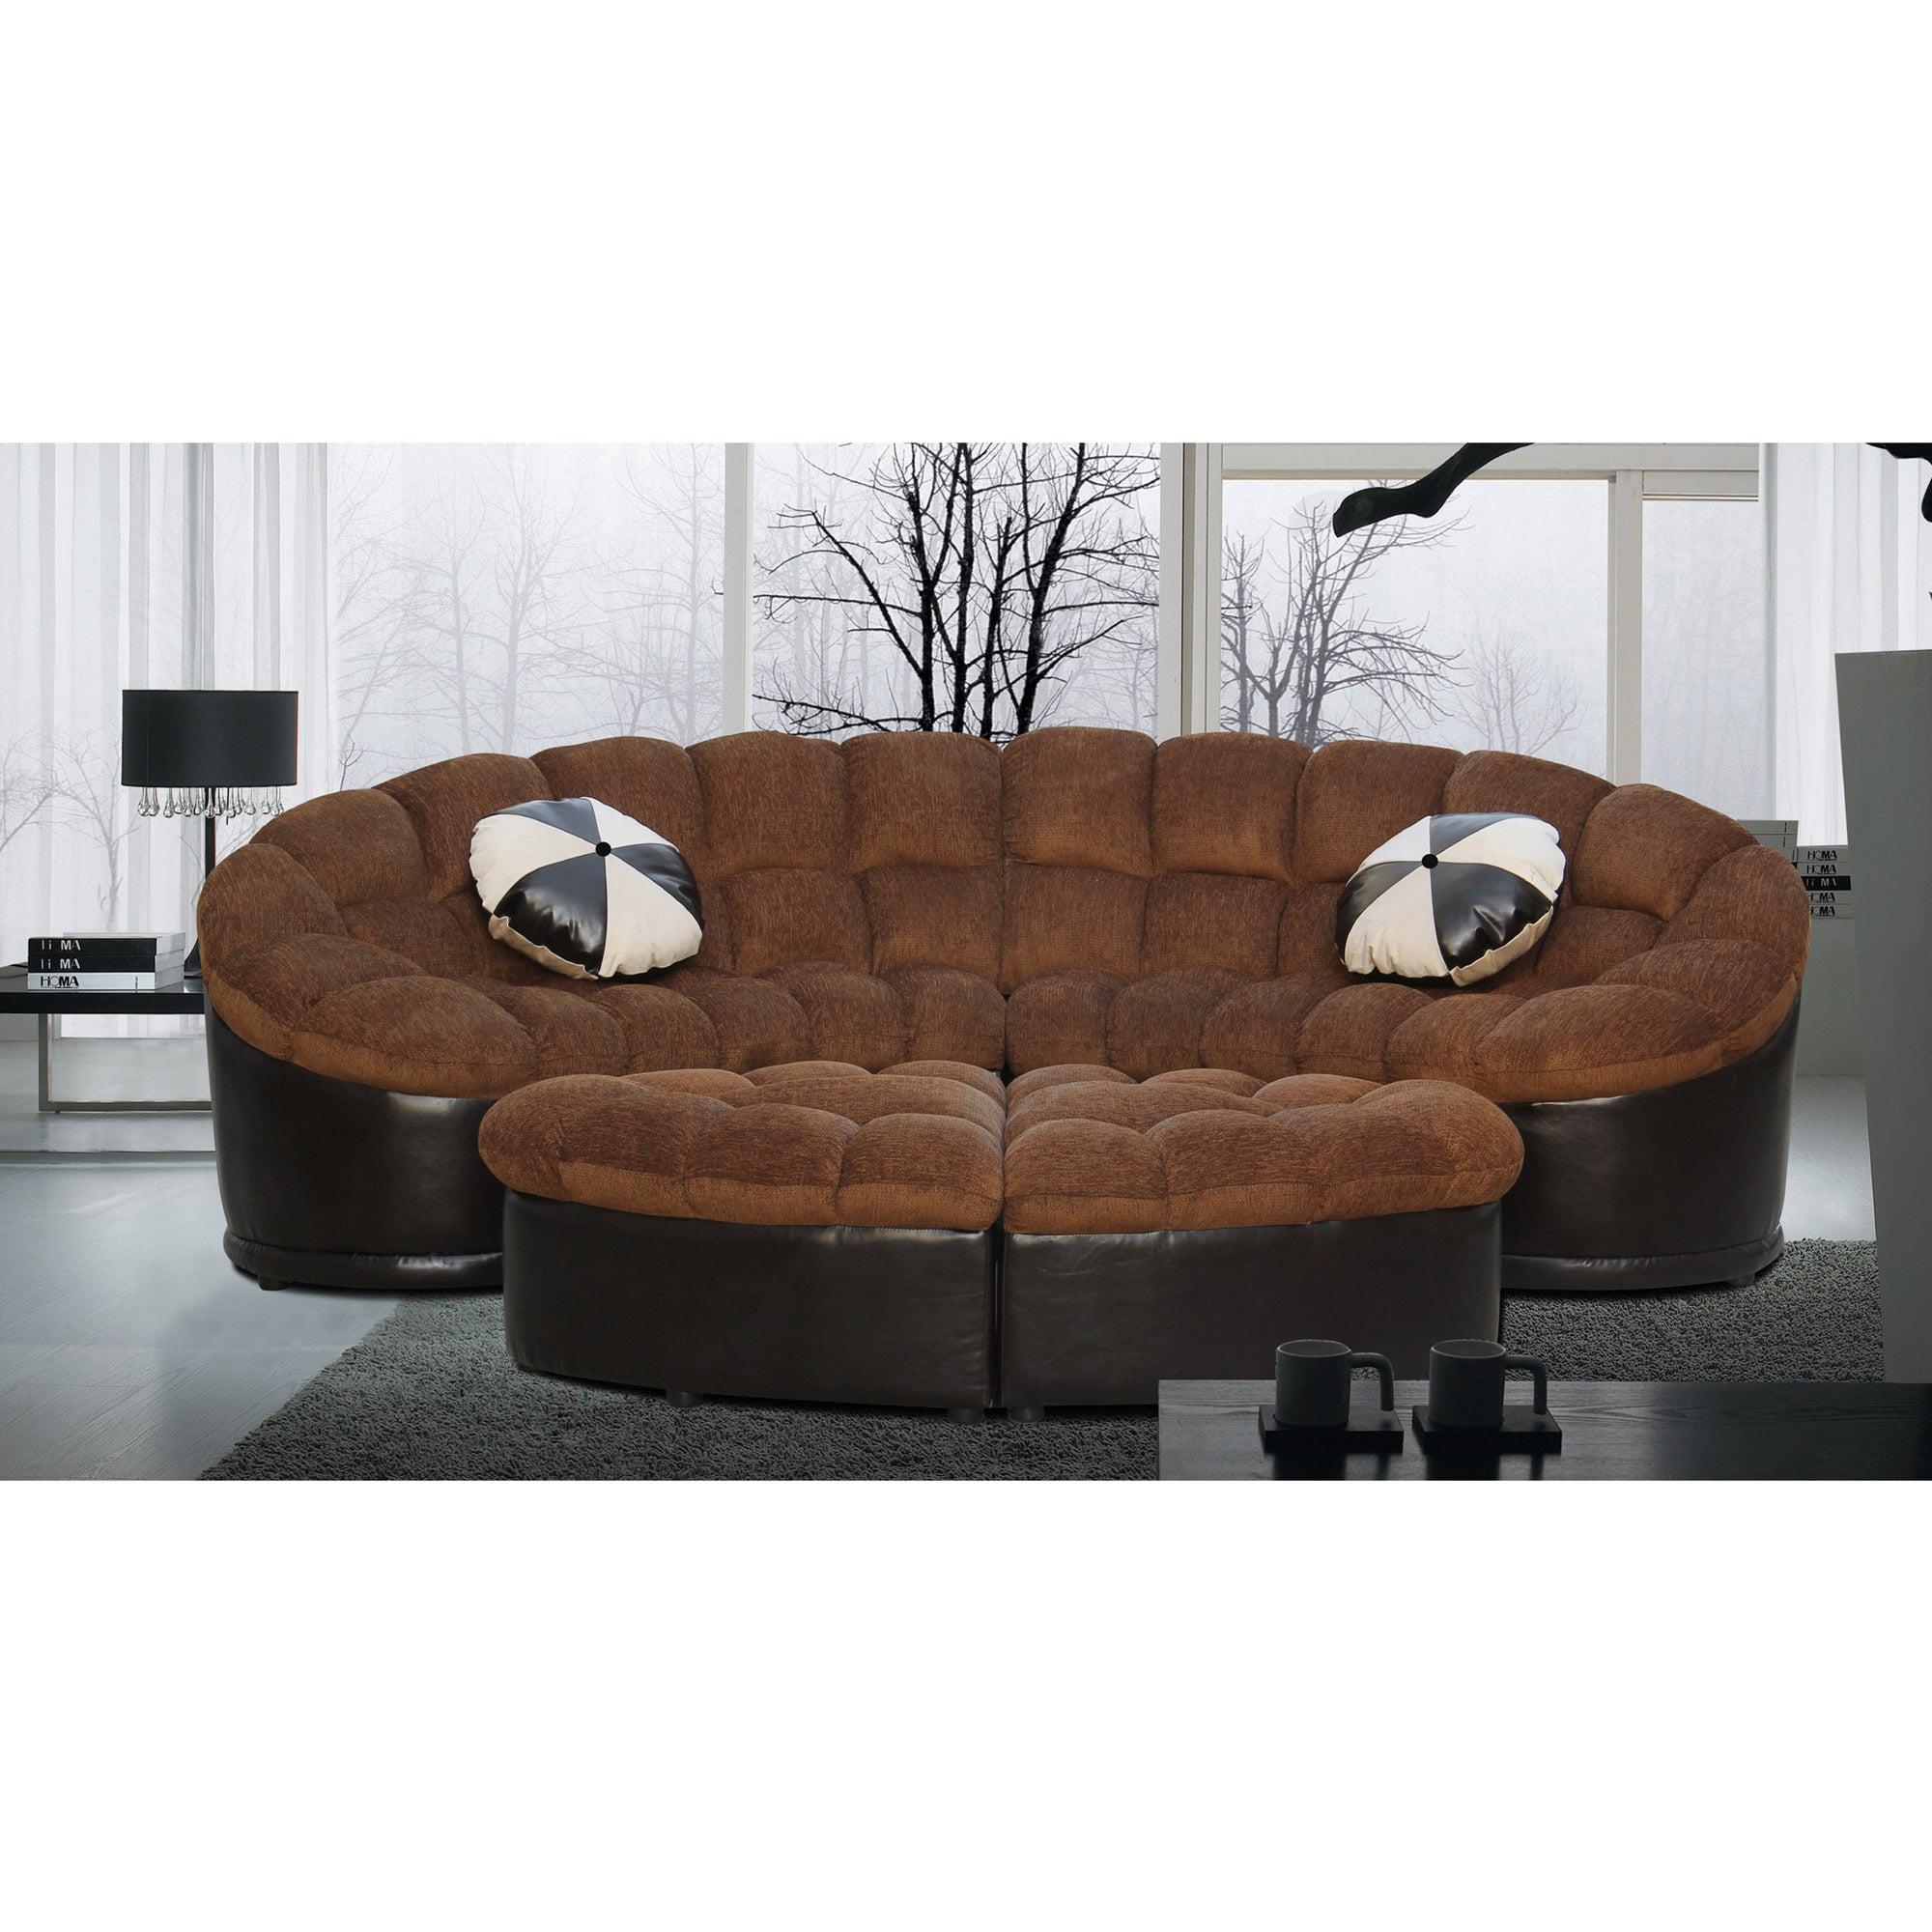 Diana 4-pc Comfy Sectional Sofa Set